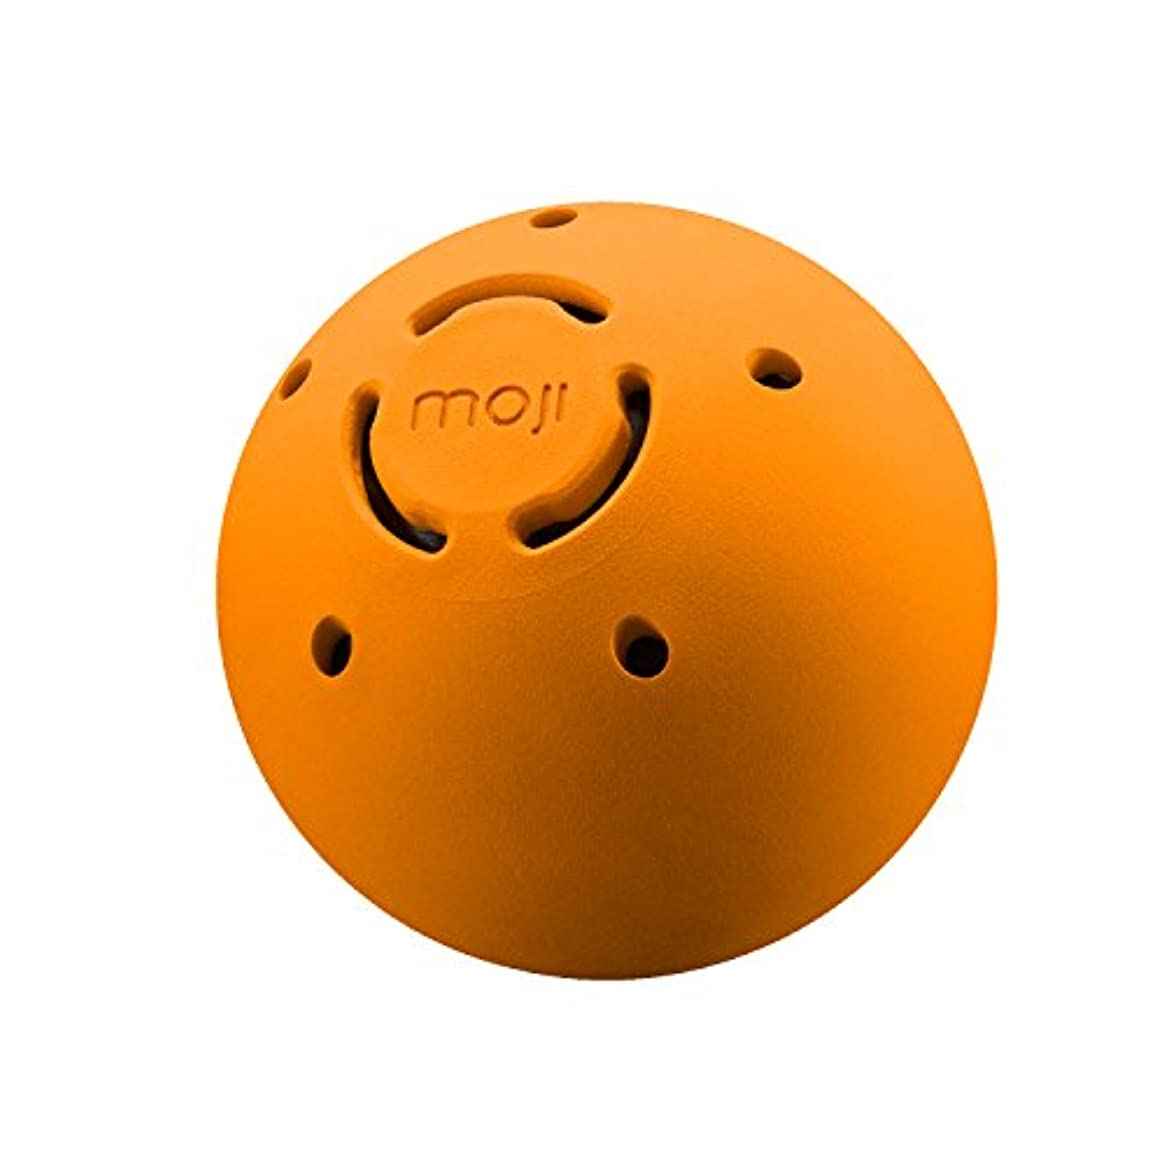 フィードバック聴覚表面的な温熱 マッサージボール 筋肉の痛み 筋肉をほぐす 血流促進 MojiHeat Massage Ball (Large)